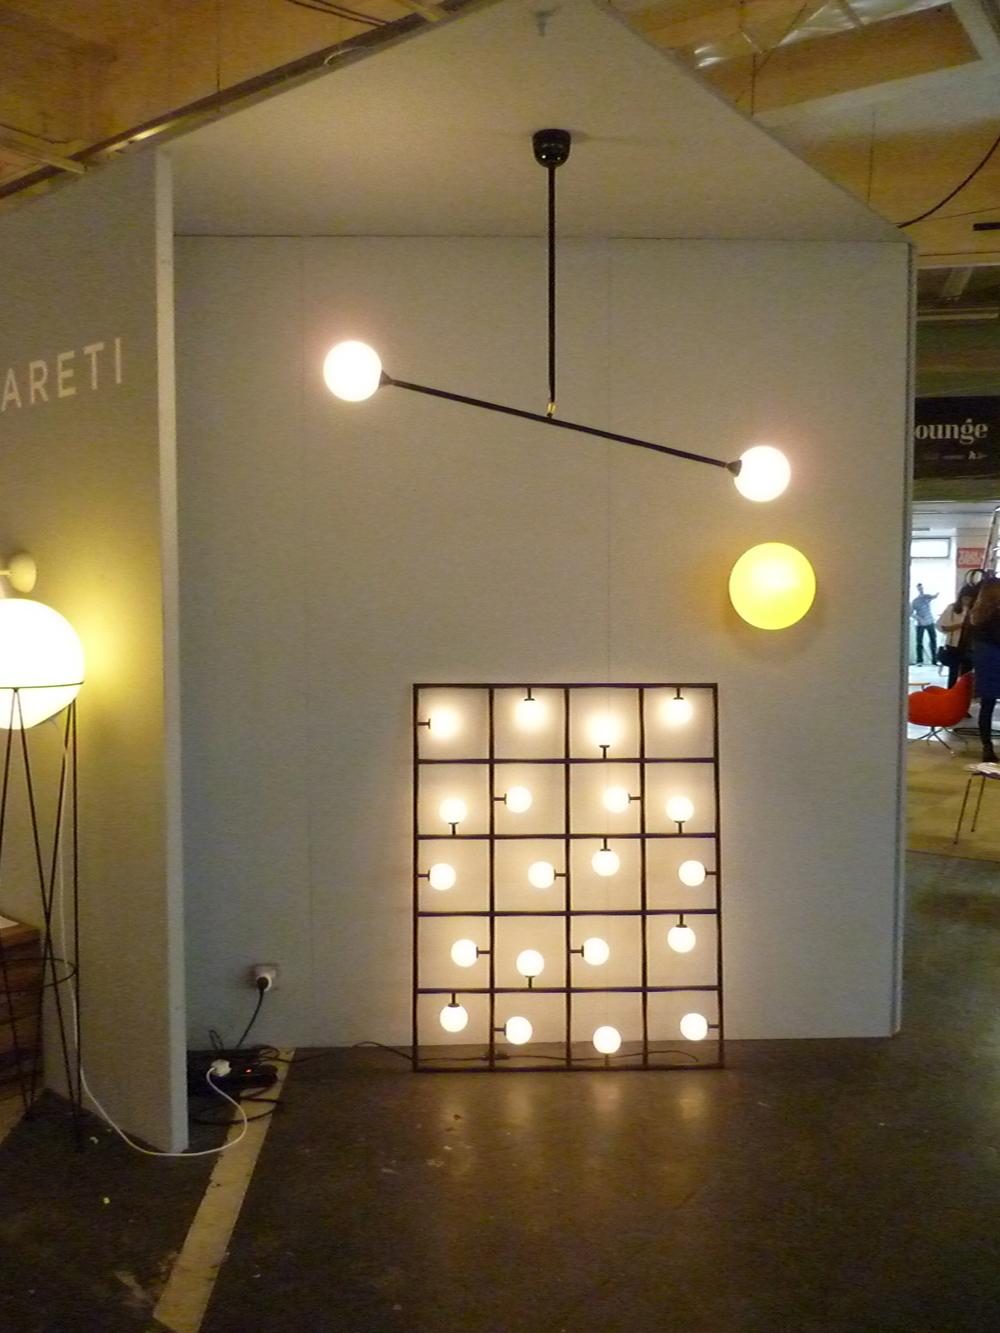 Aretiat Design Junction